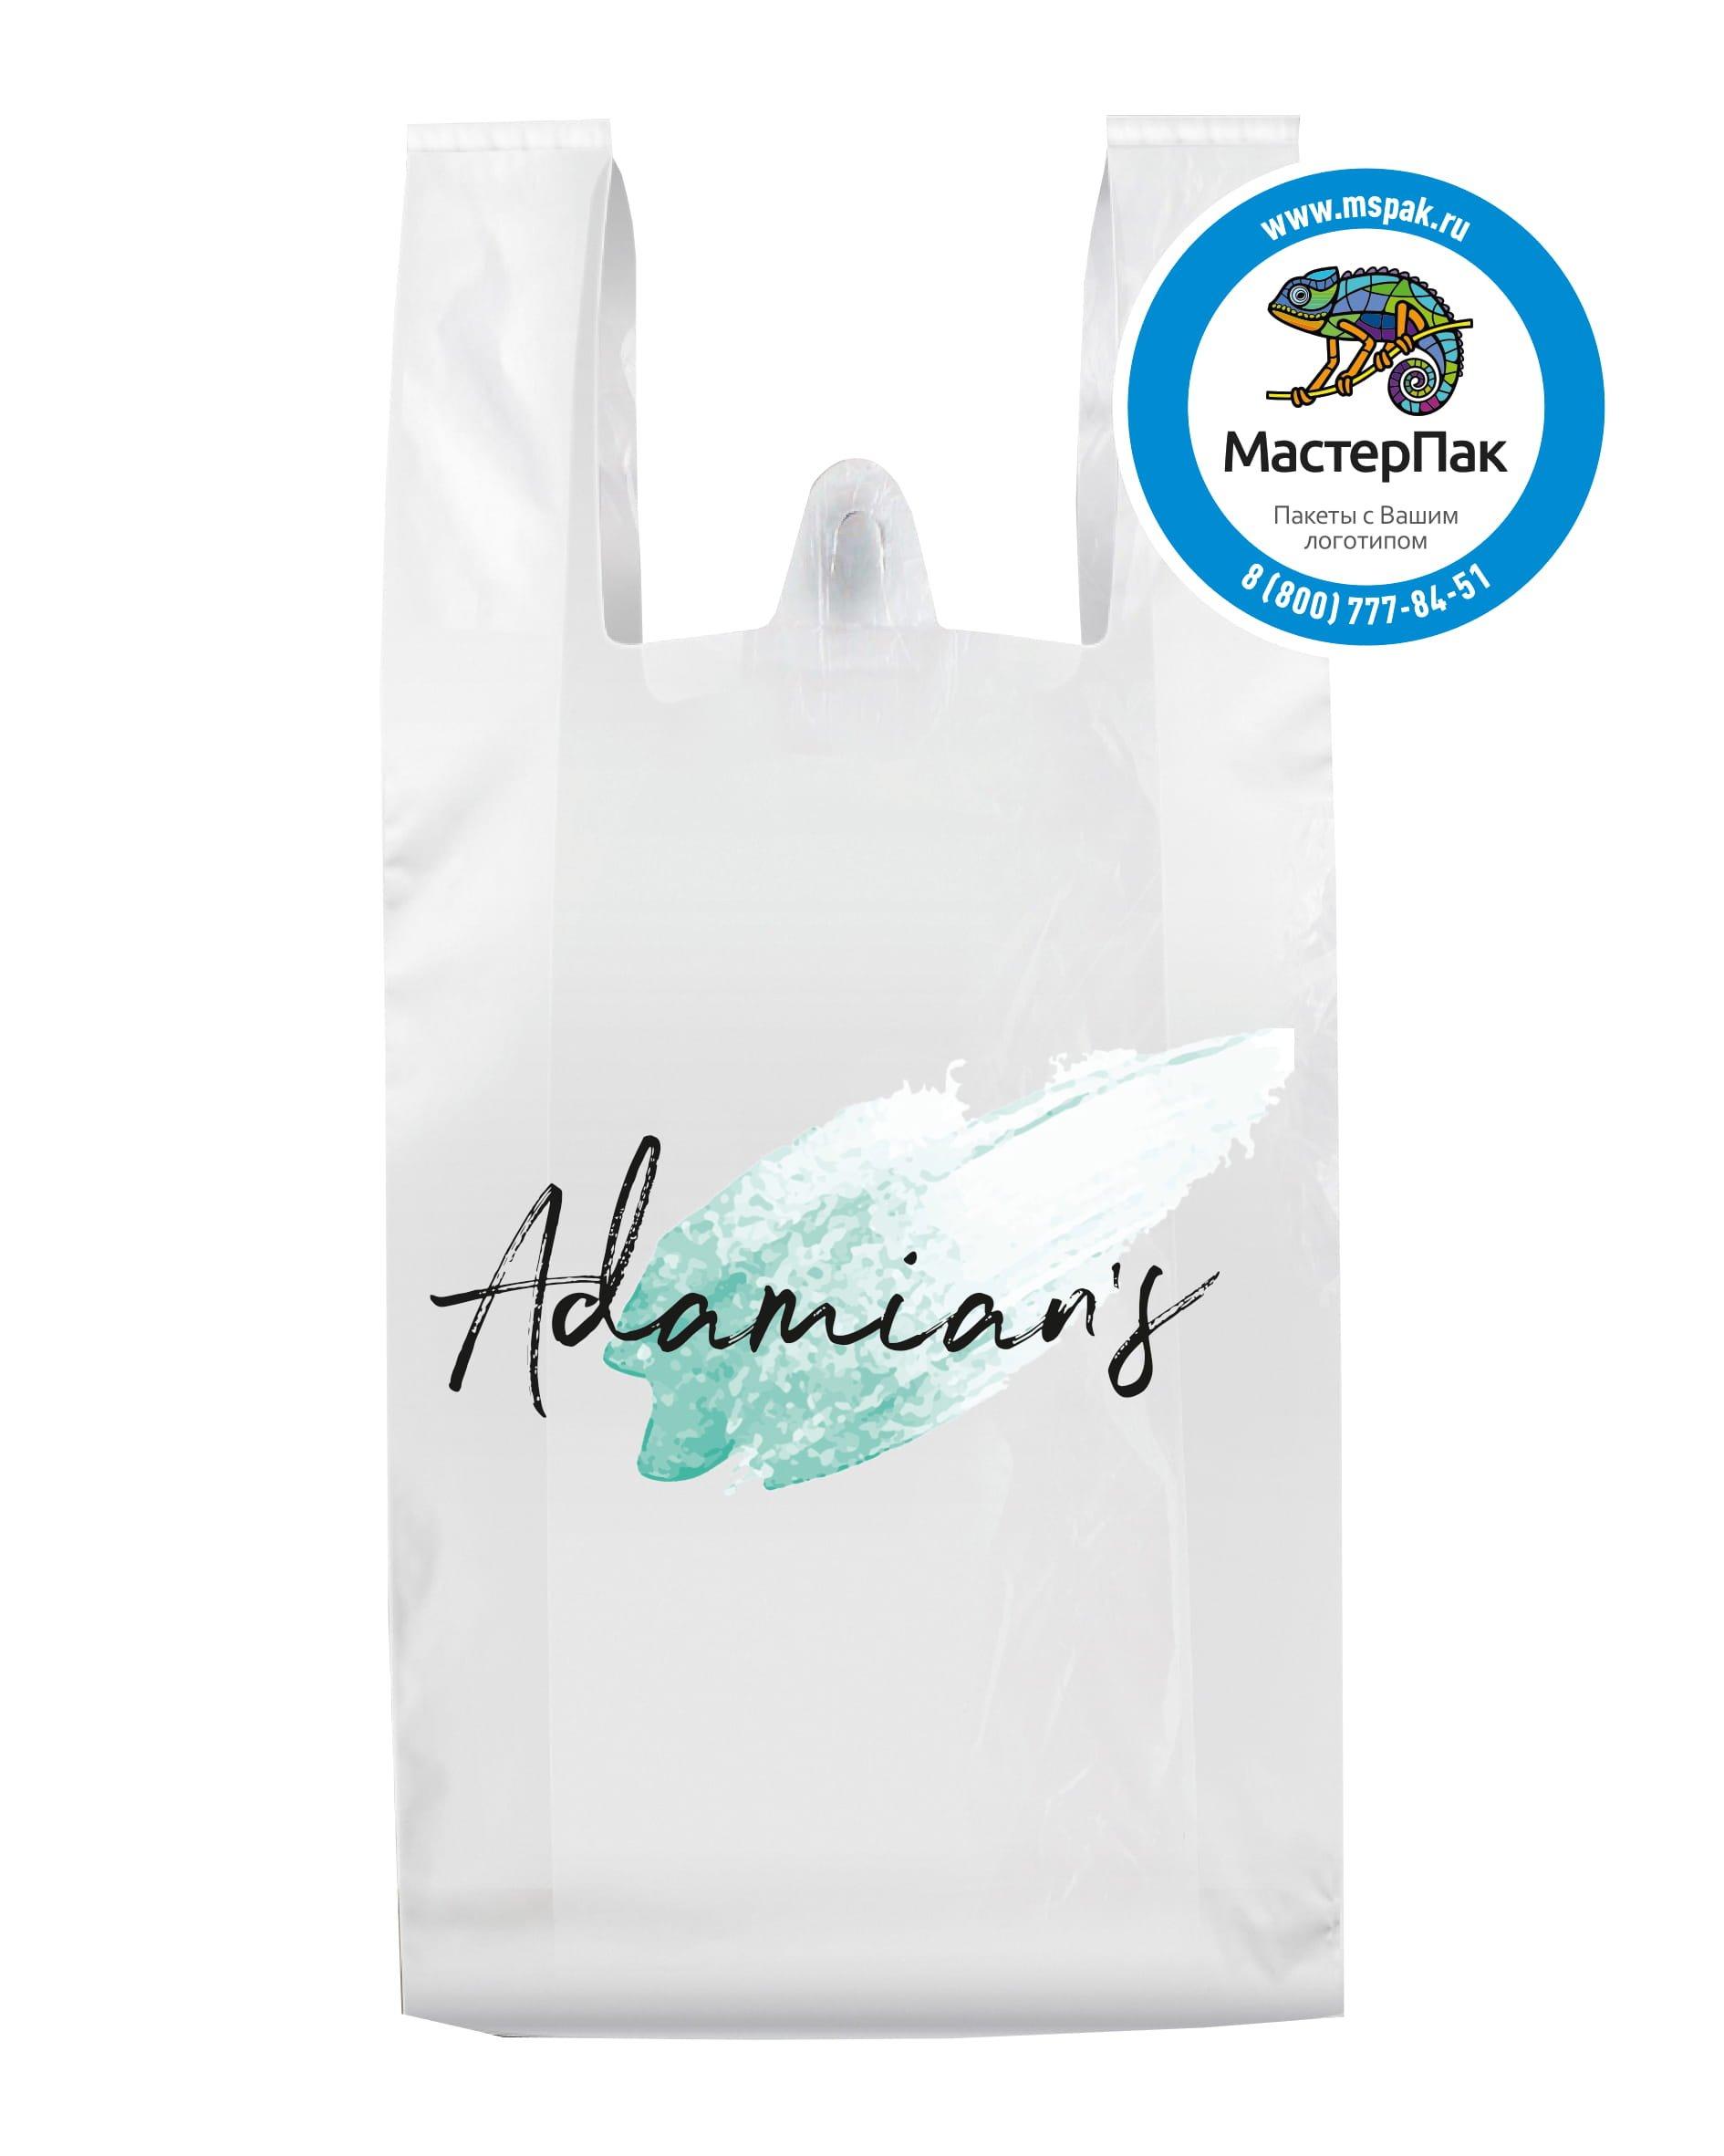 Пакет-майка ПНД с логотипом Adamians, 18 мкм, 40*60, Благовещенск